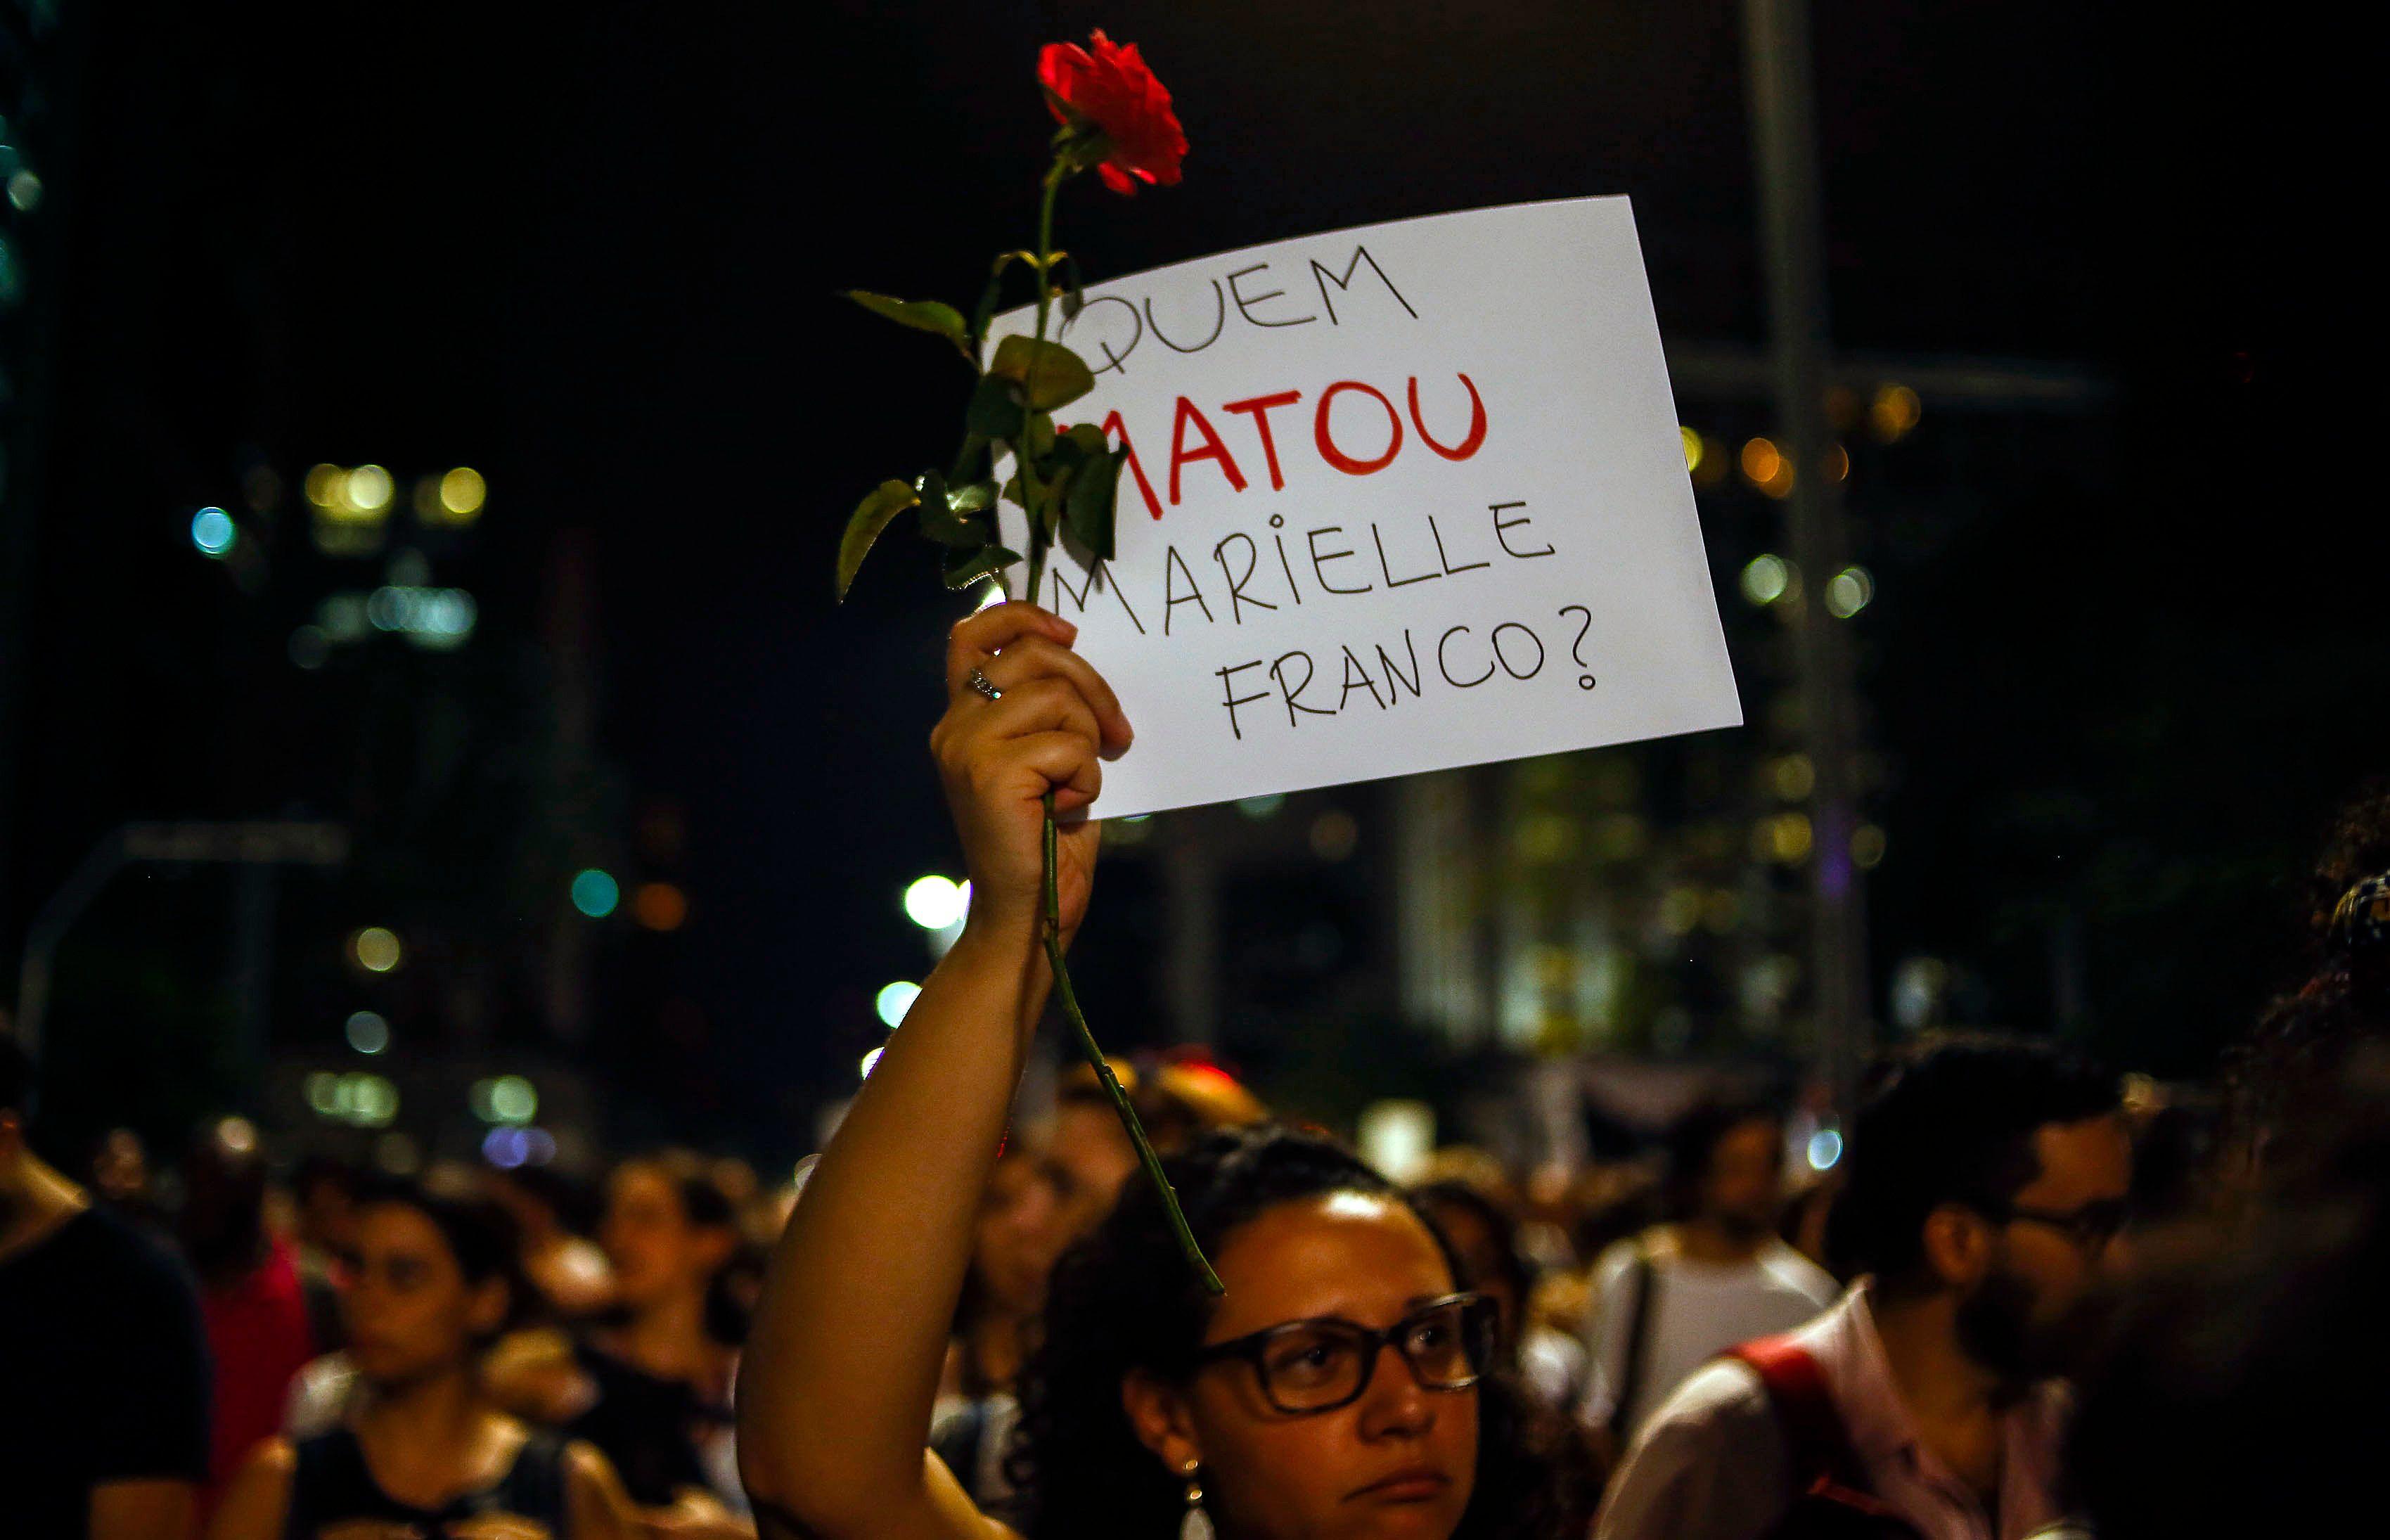 Imagens de câmera mostram Marielle Franco deixando evento antes do crime